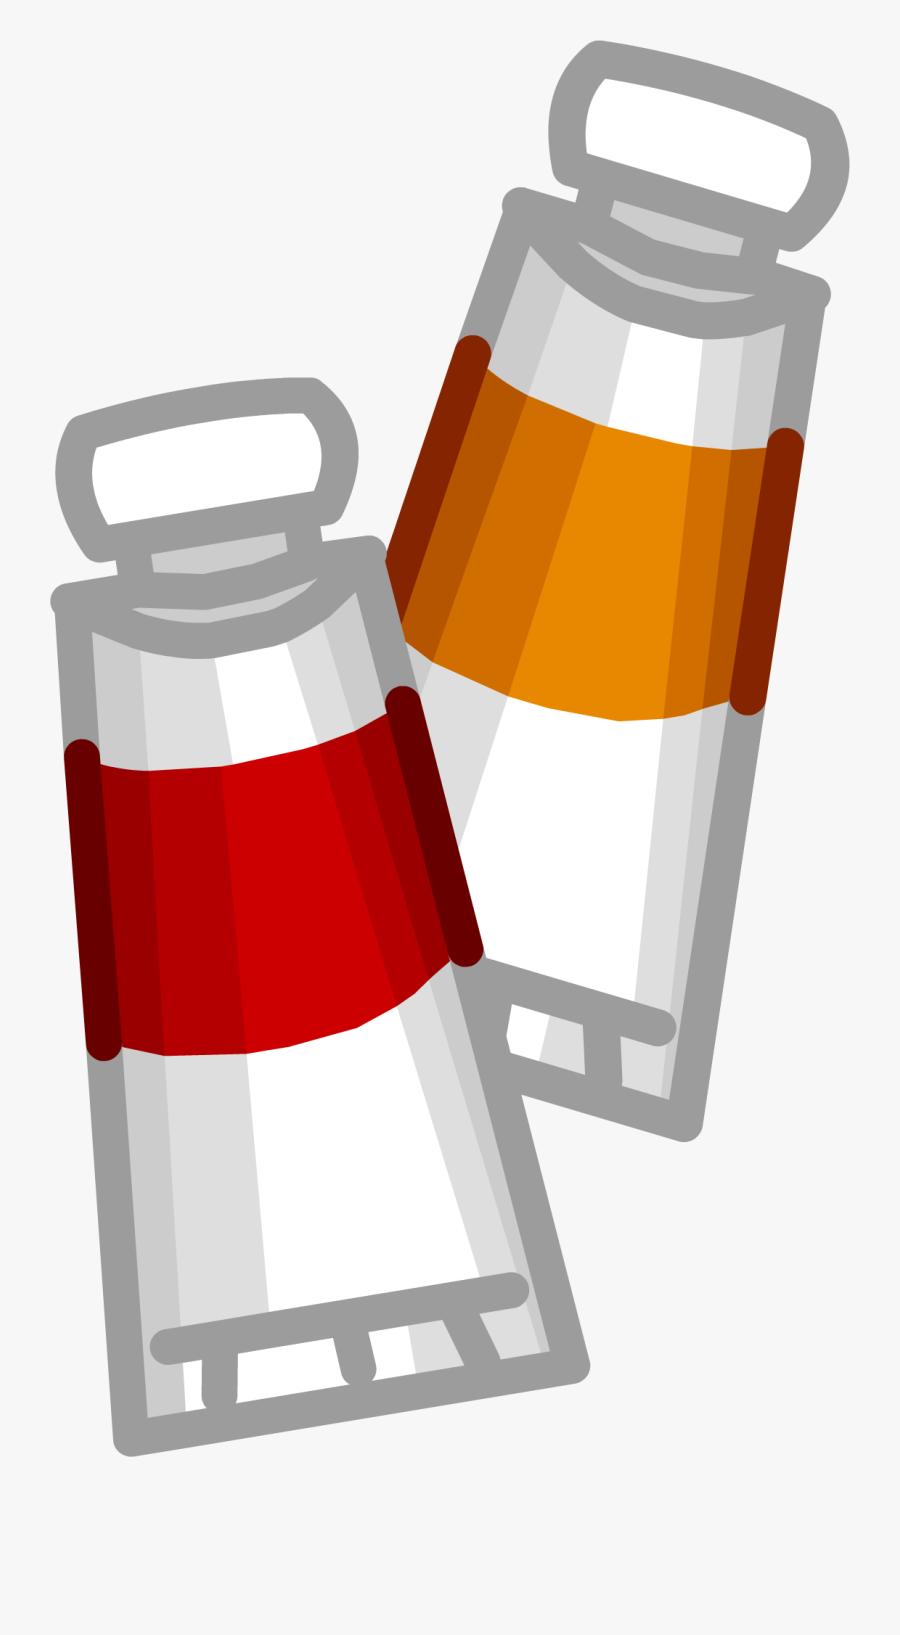 Hot Sauce Face Club - Club Penguin Paint, Transparent Clipart